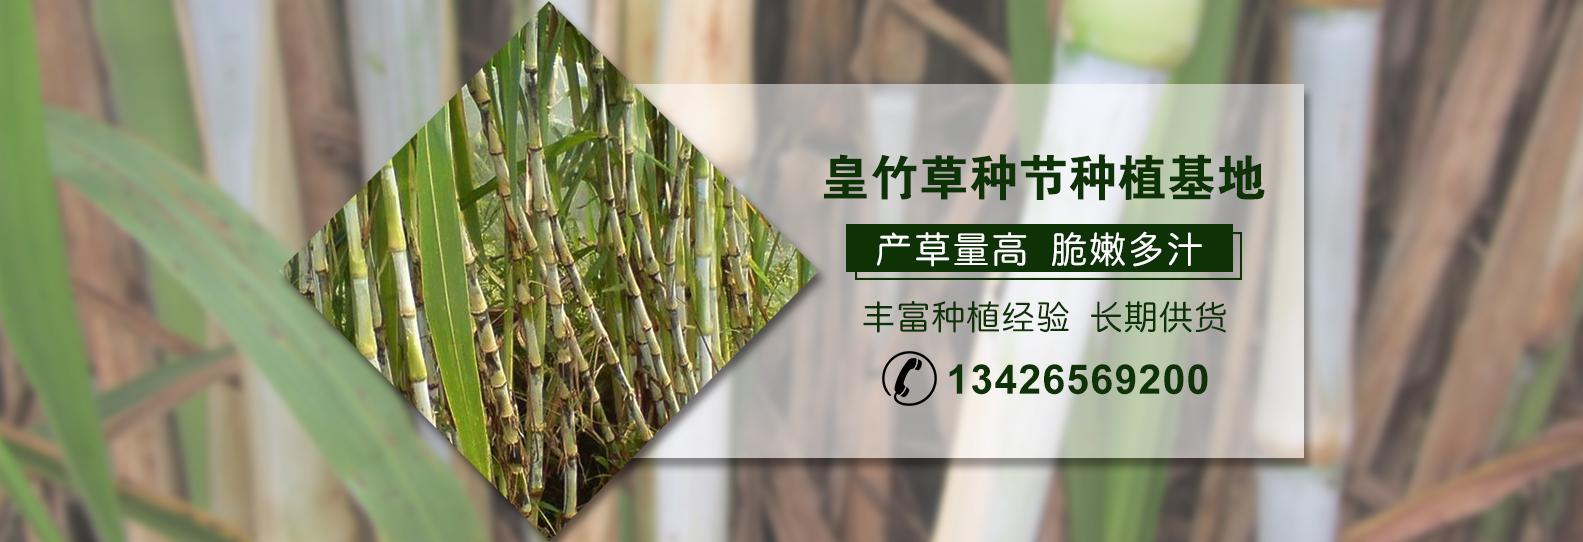 江西皇竹草种植